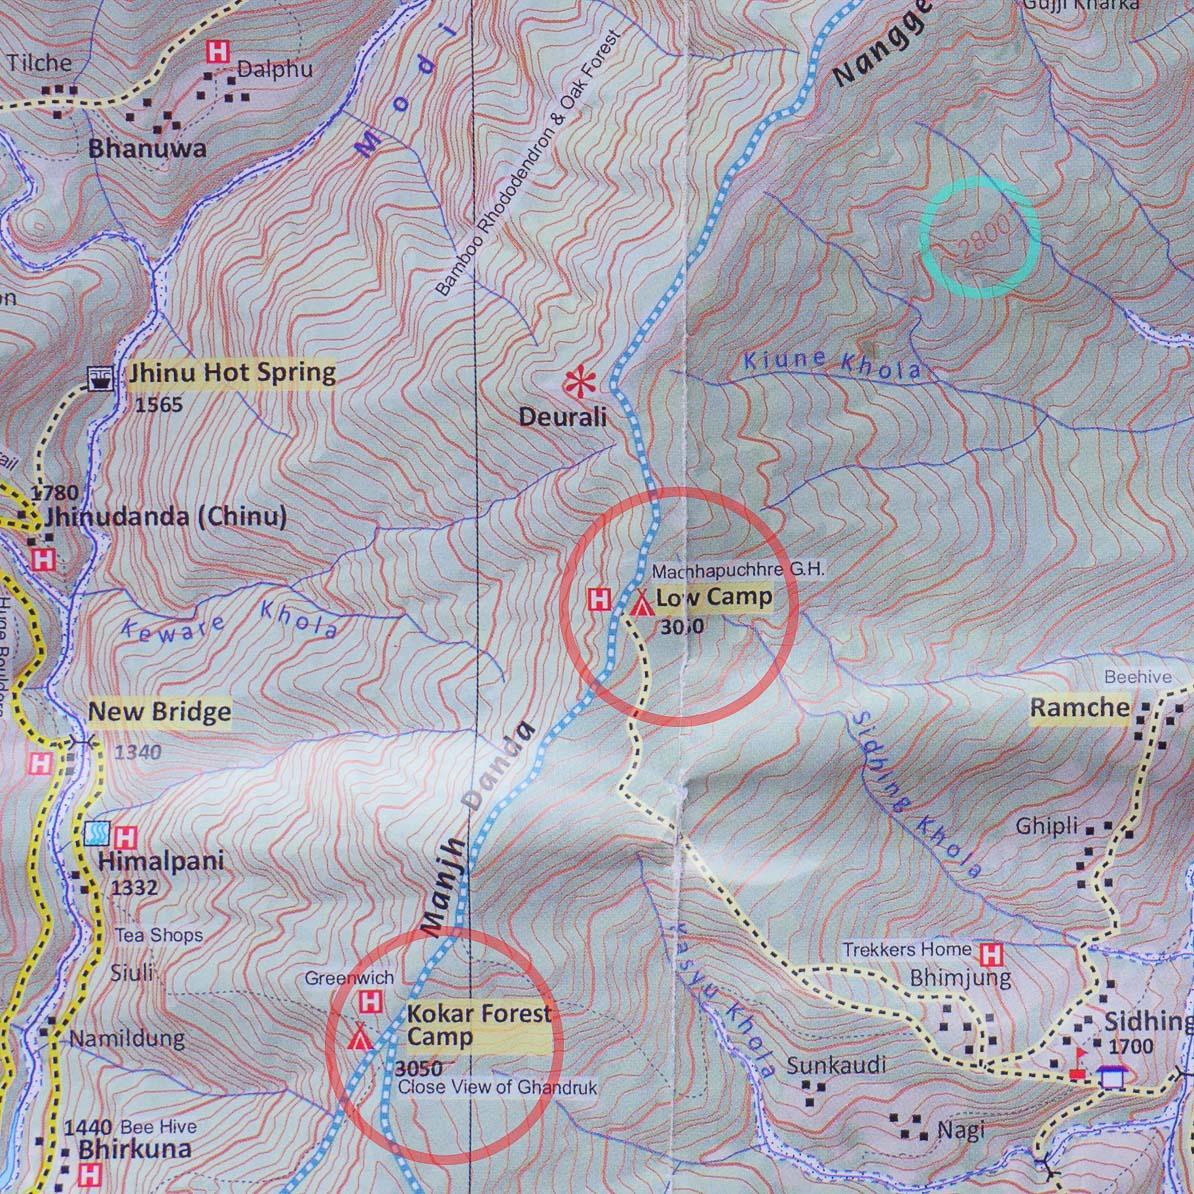 ネパール製のアンナプルナトレッキングの地図